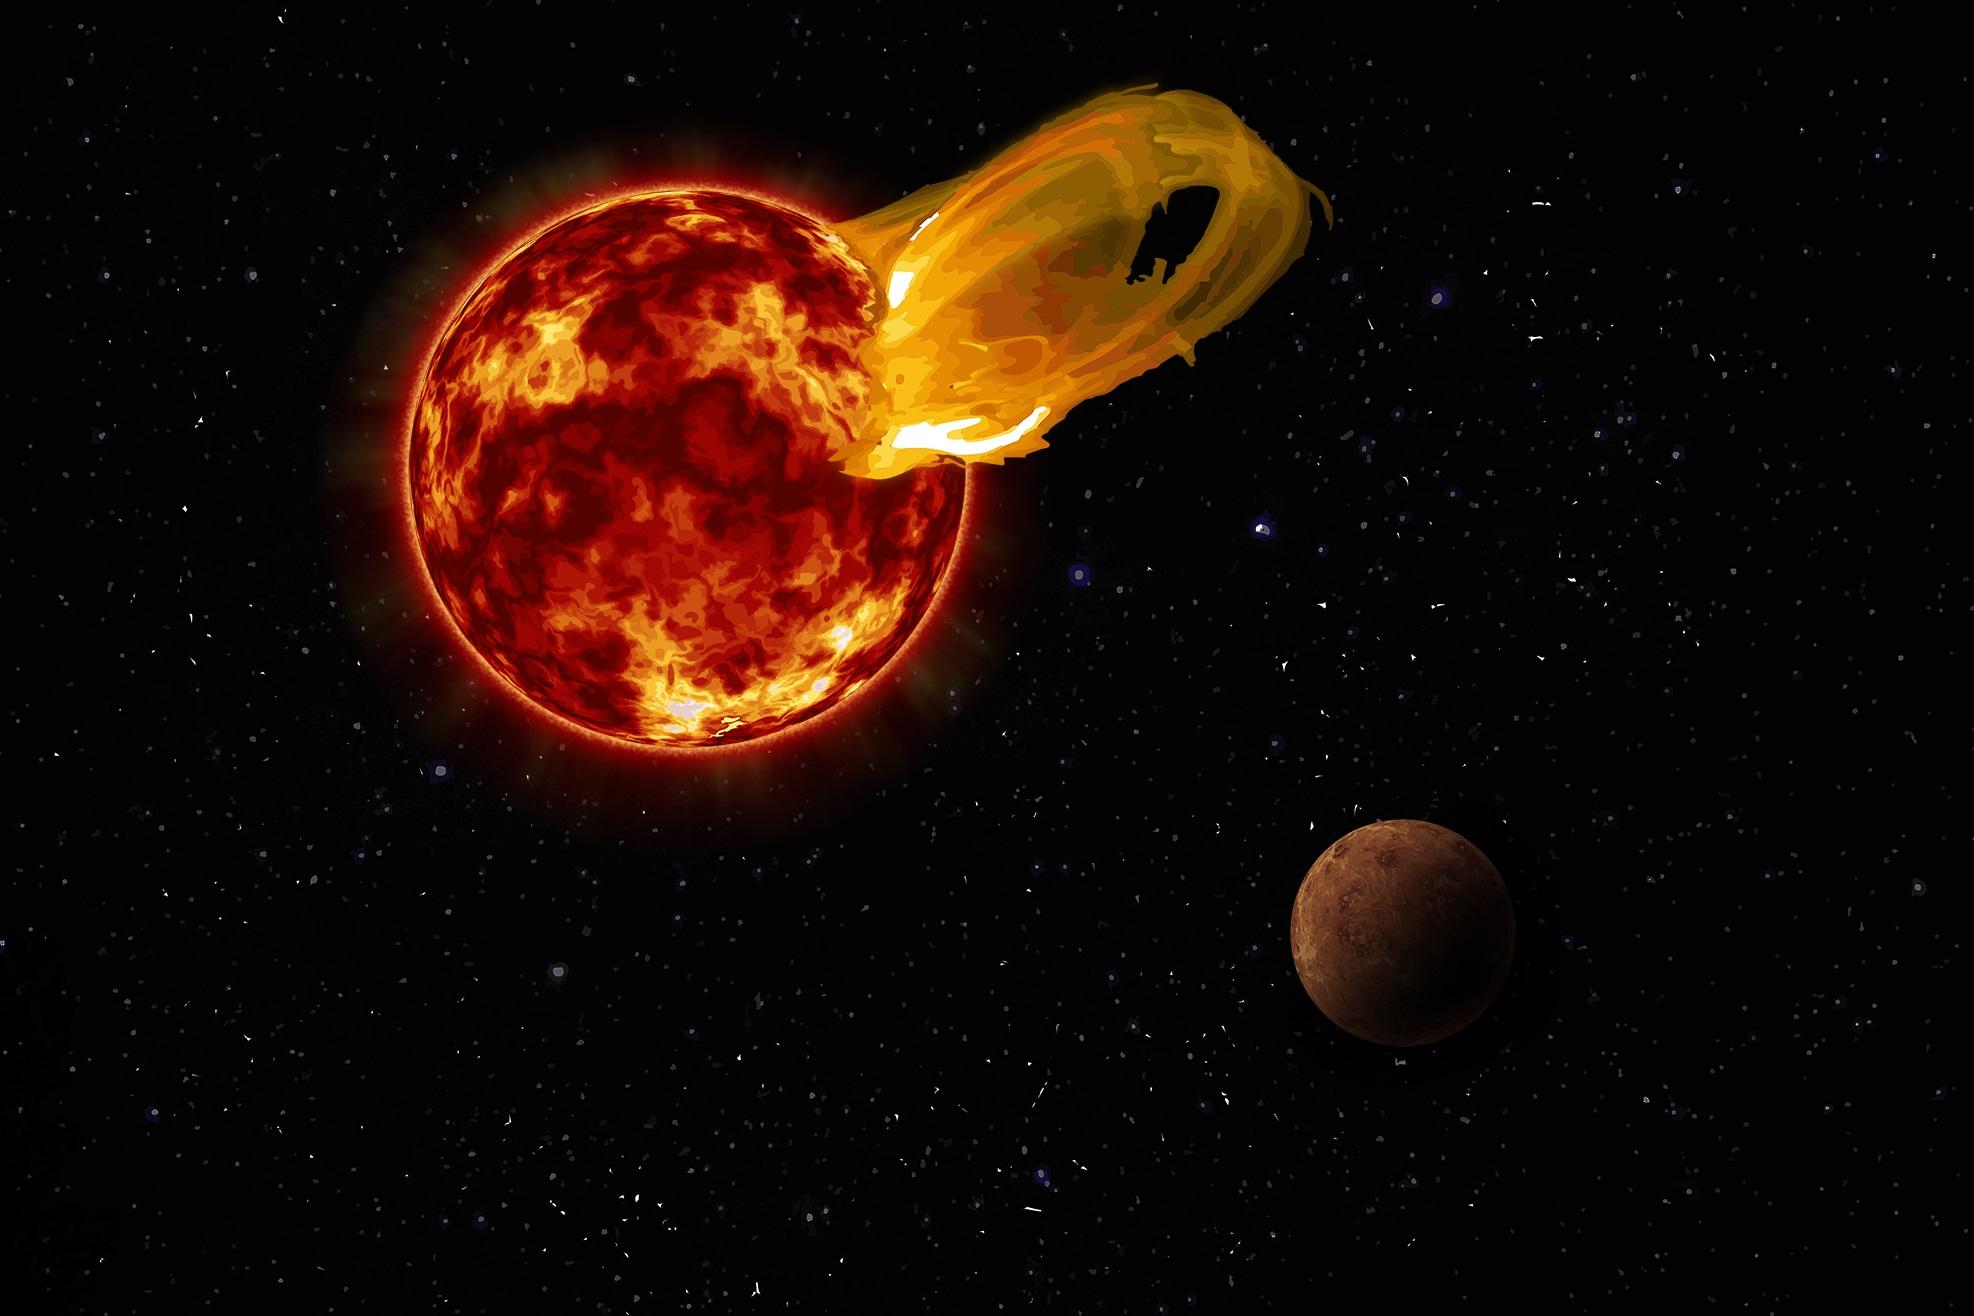 Любая возможная форма жизни на планете Проксима b только что была уничтожена